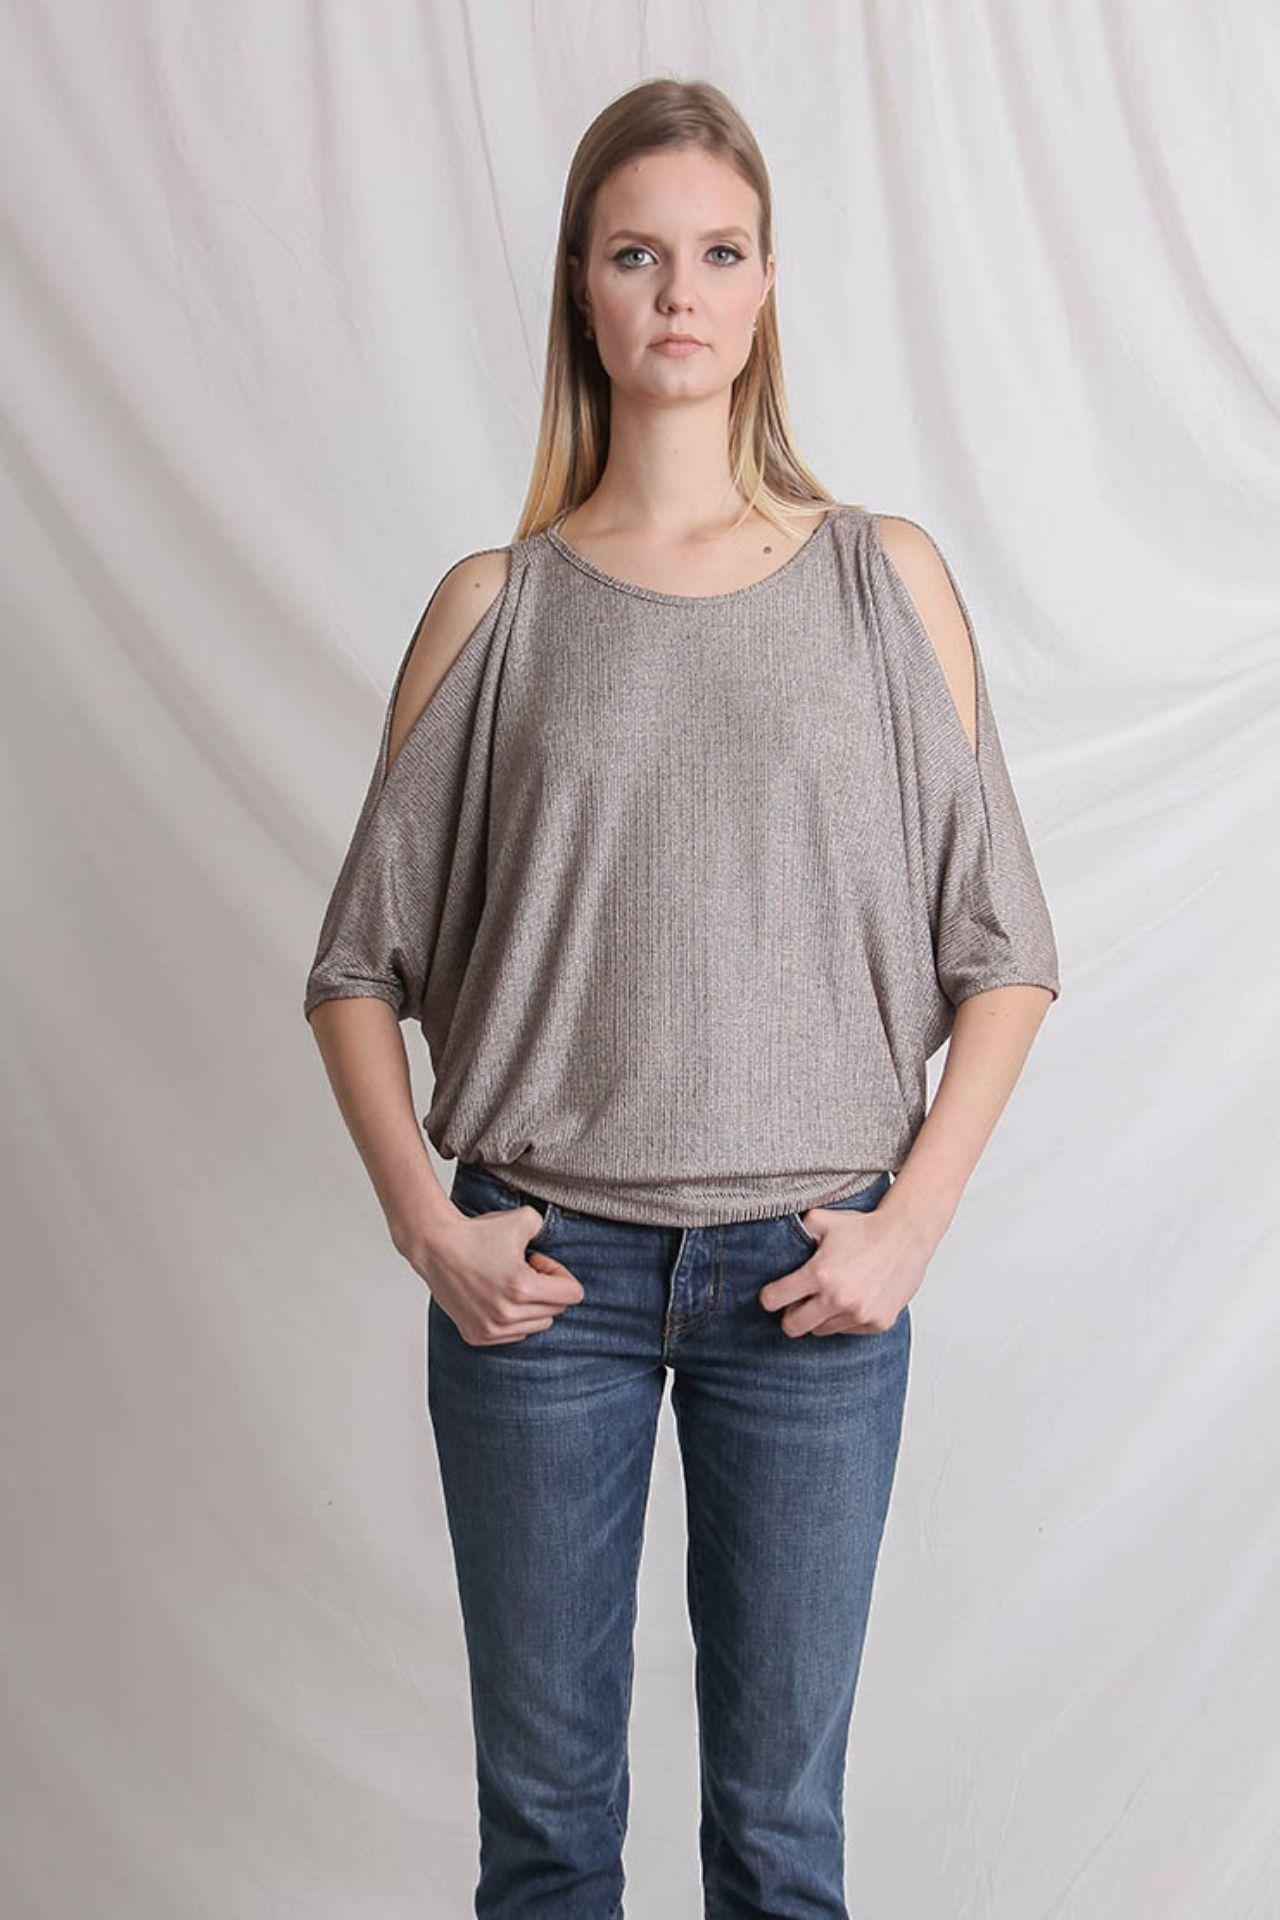 Polo con aberturas en el hombro y brazos.  Material: algodón.  Talla Standard.  Es un estilo suelto, adaptable.